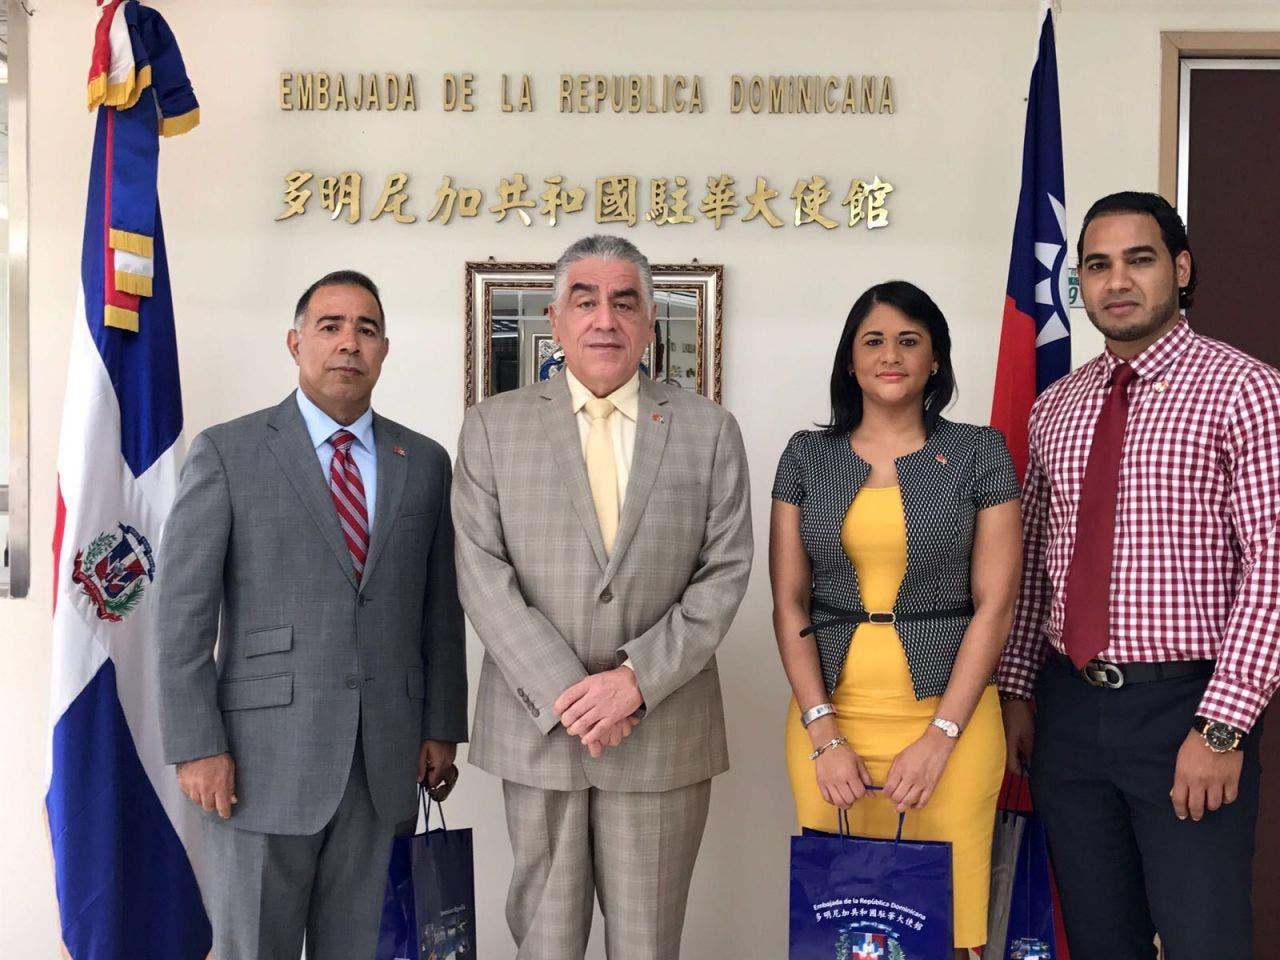 Taiwán entrena dominicanos en e-comerce; embajador Soto Jiménez los recibe en Taipei